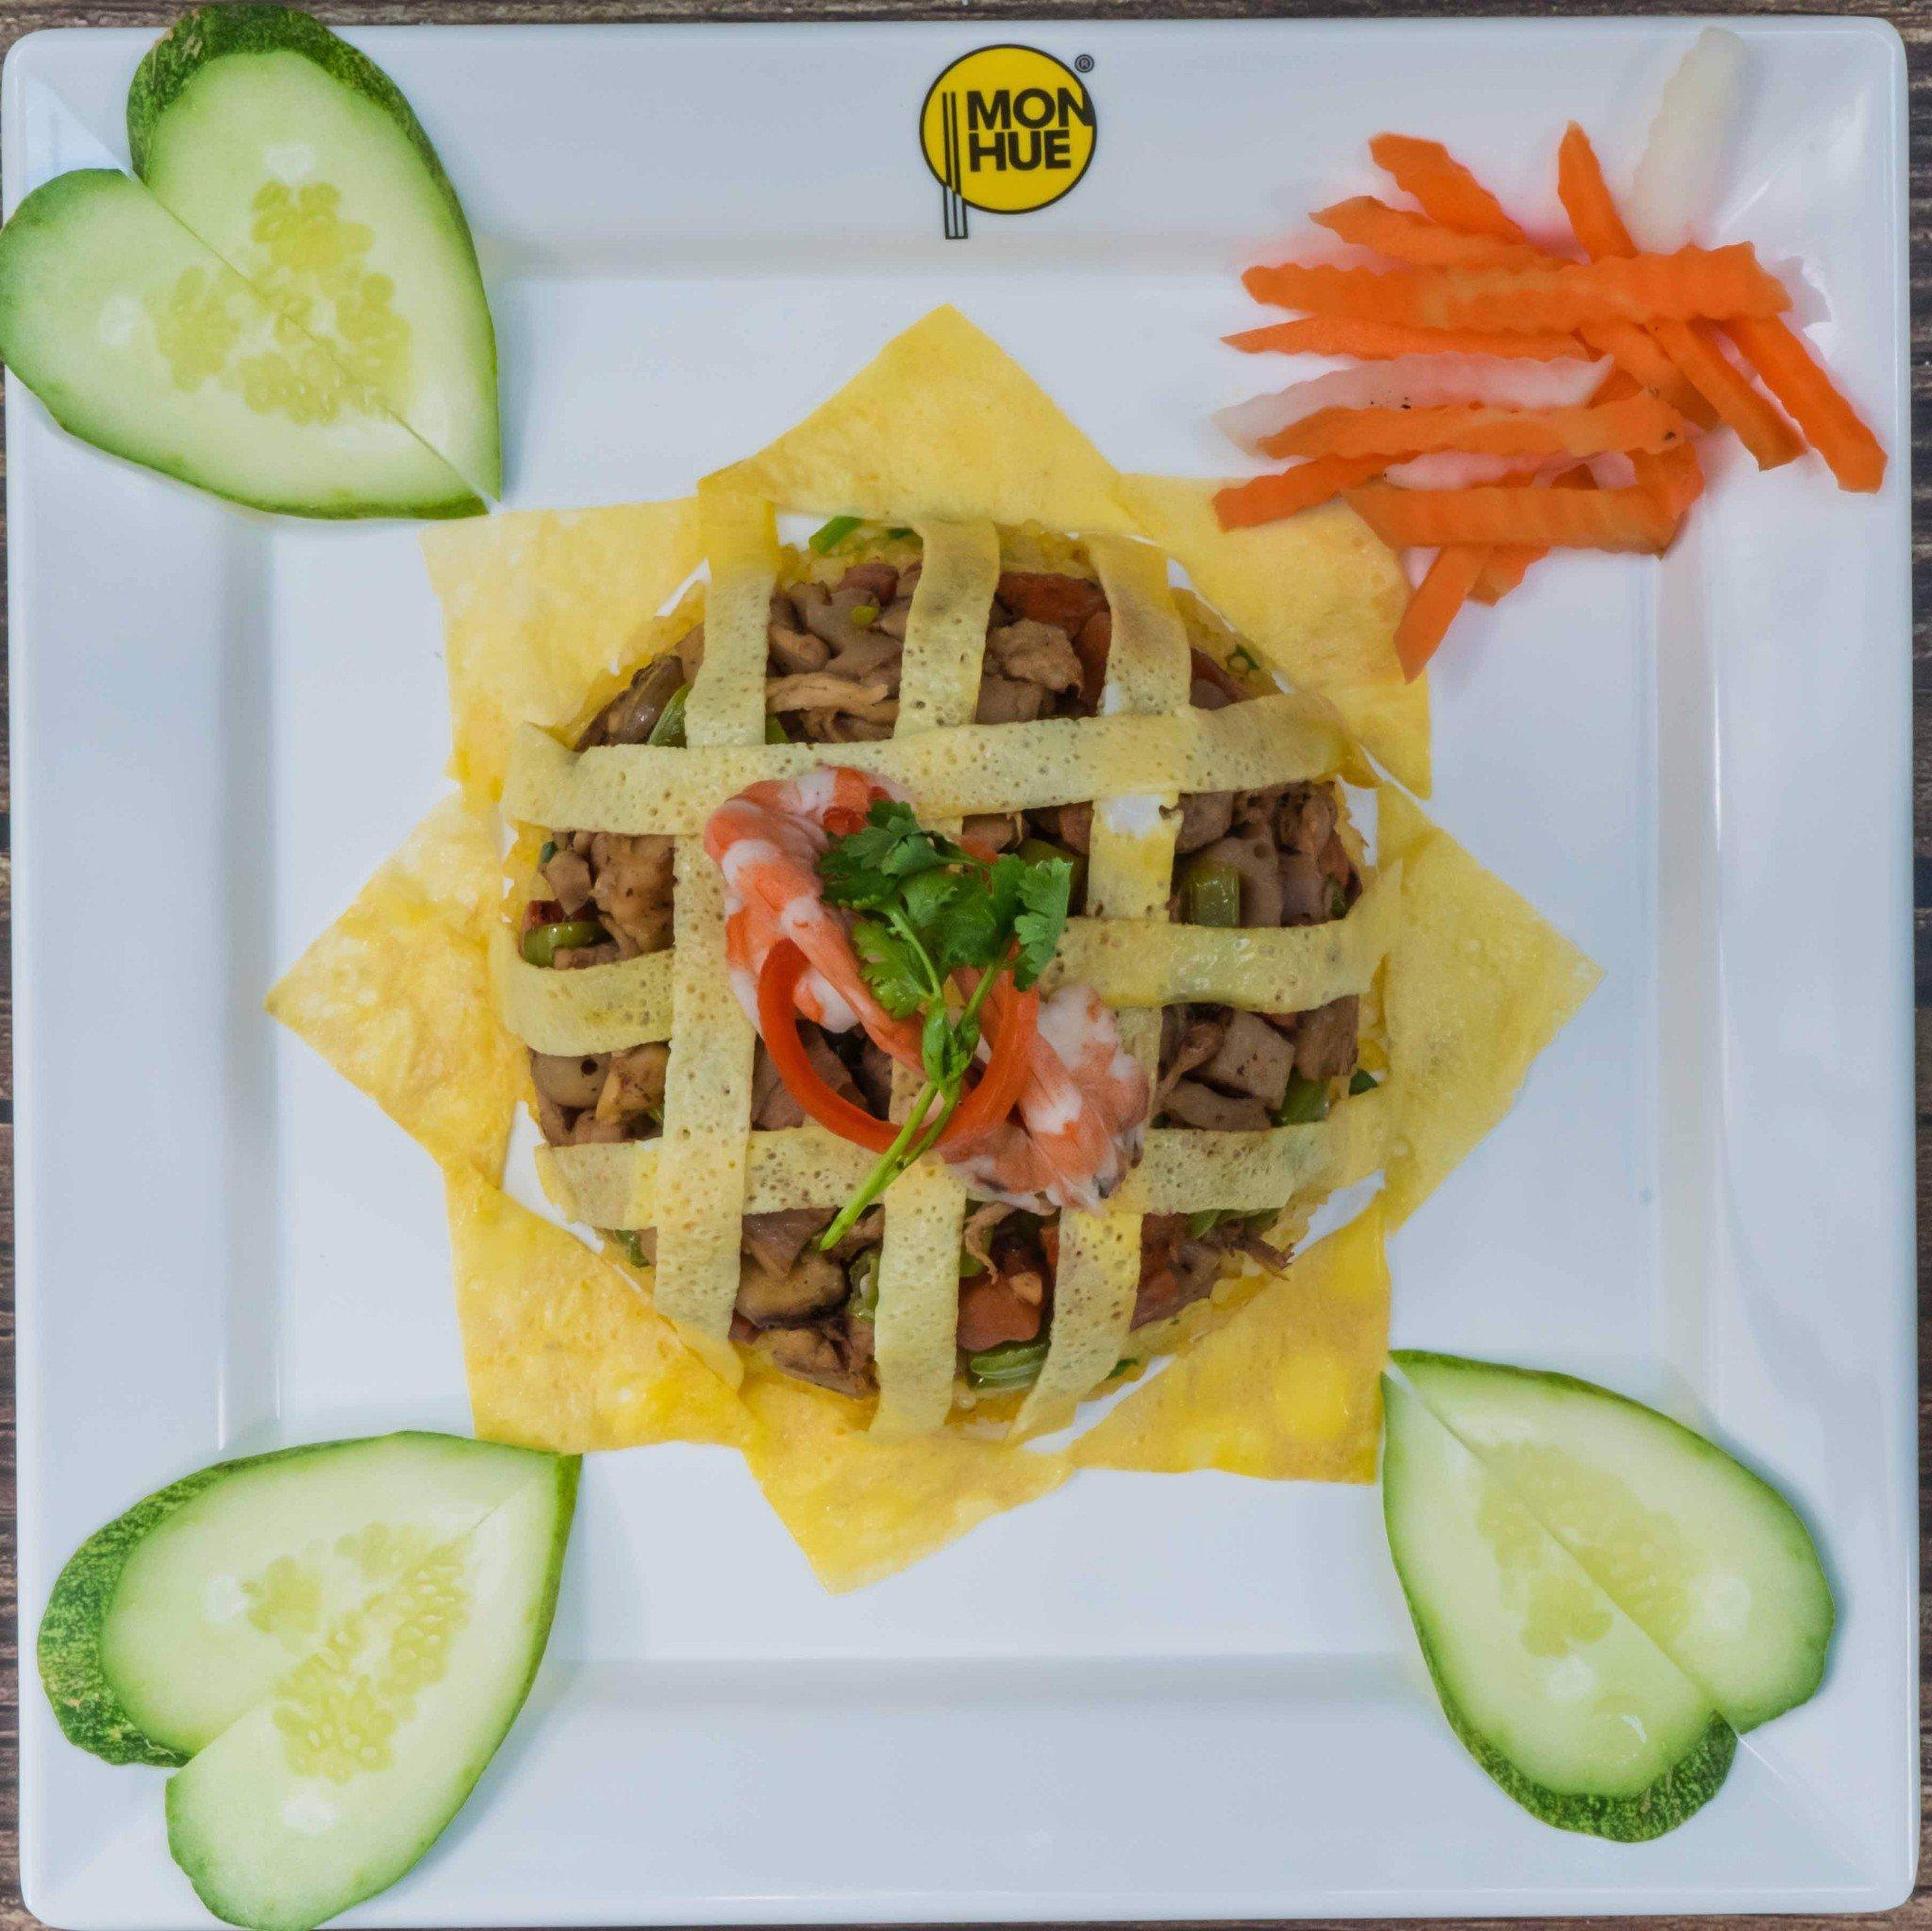 Hue Style Rice With Bbq Meat Nh 224 H 224 Ng M 243 N Huế